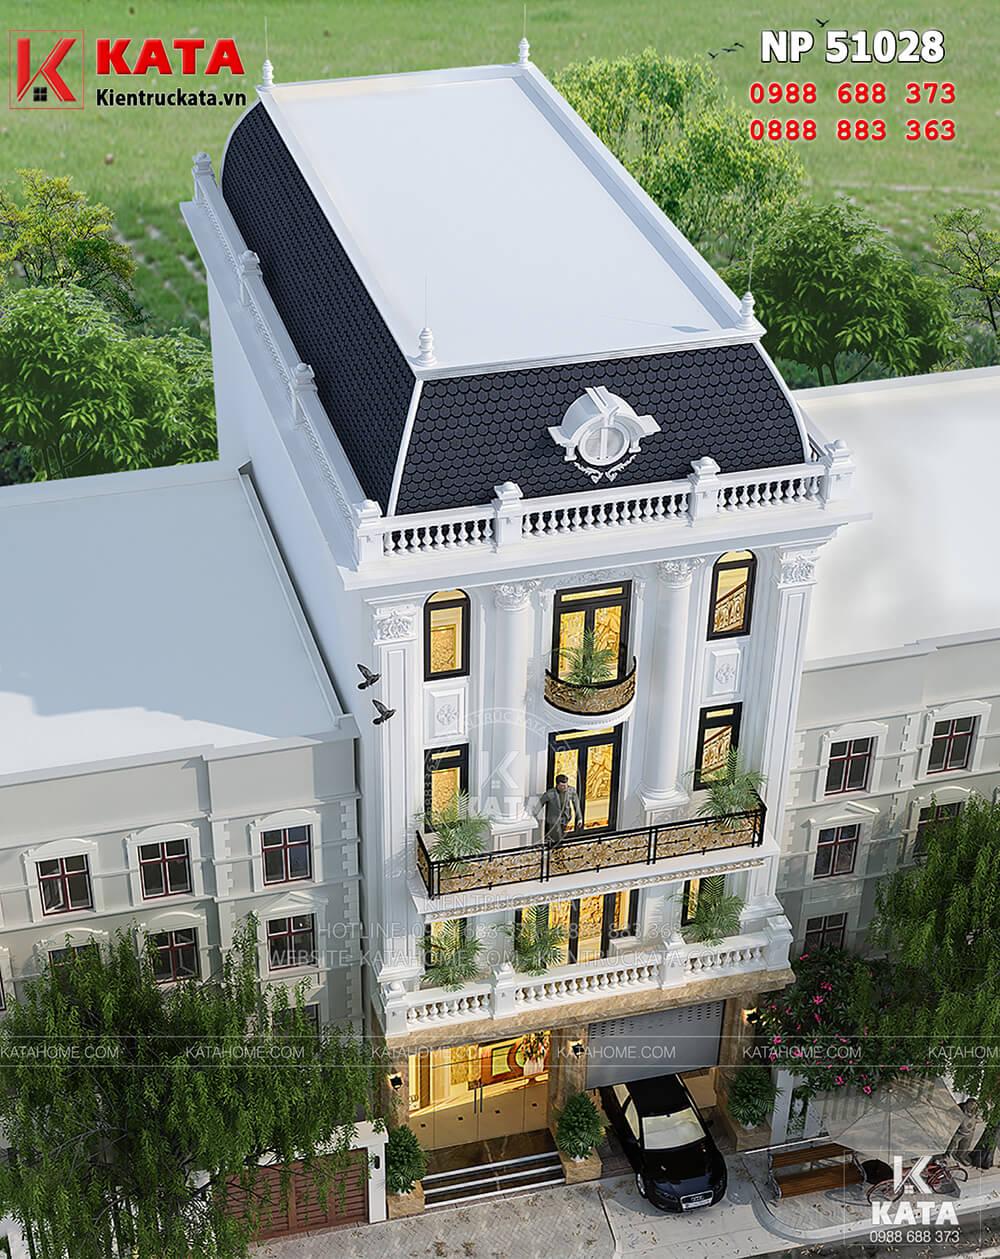 Mẫu thiết kế khách sạn nhà phố tại Hà Nội nhìn từ trên cao